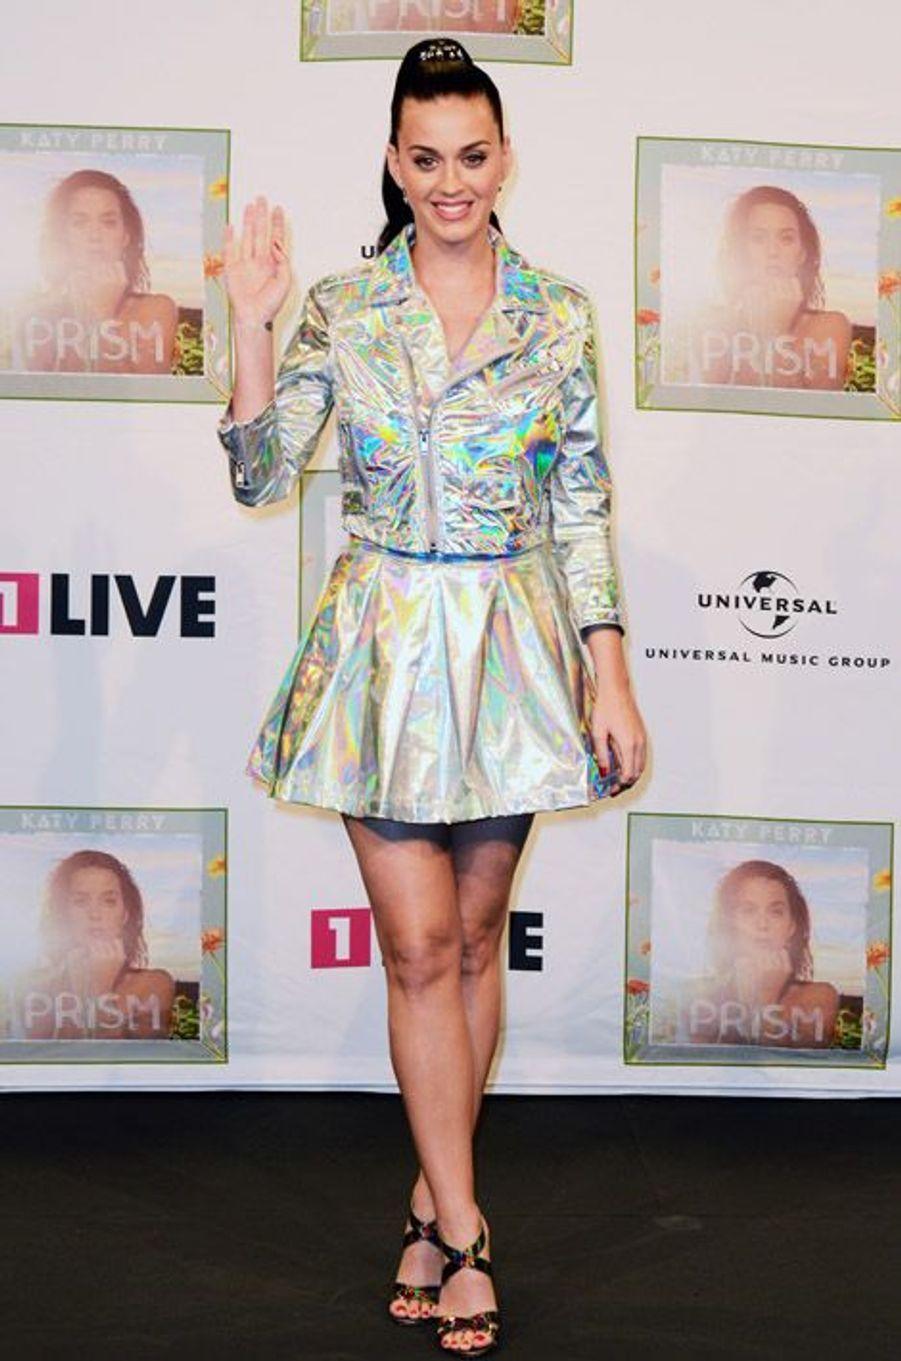 Katy Perry en promotion à Cologne, Allemagne, novembre 2013